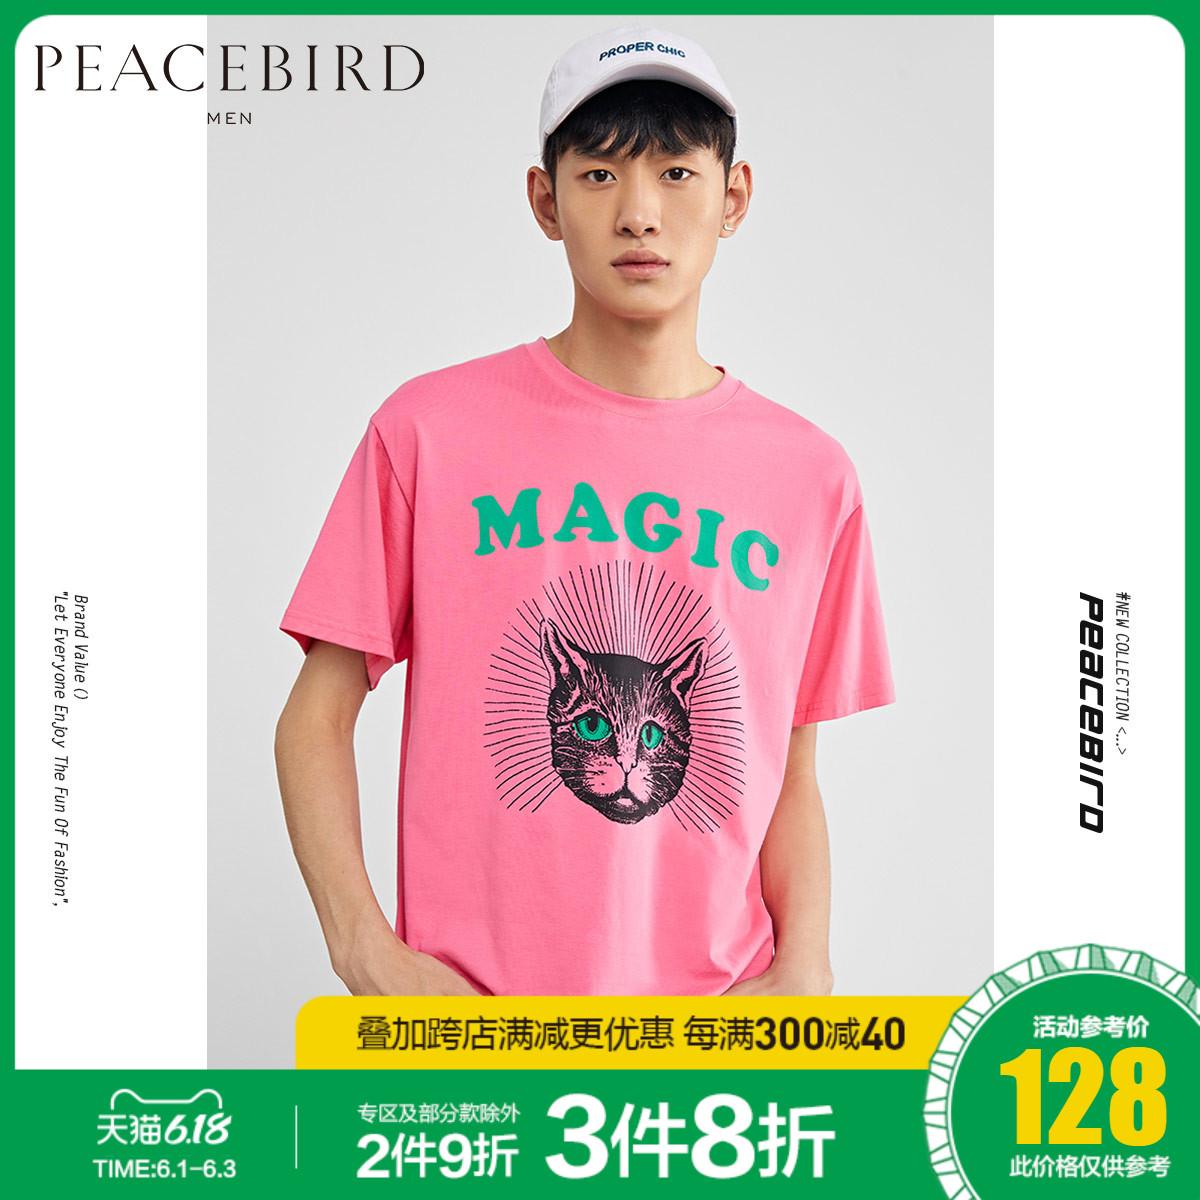 太平鸟男装粉色T恤男士打底衫小猫印花个性潮流T恤圆领体恤衫韩版